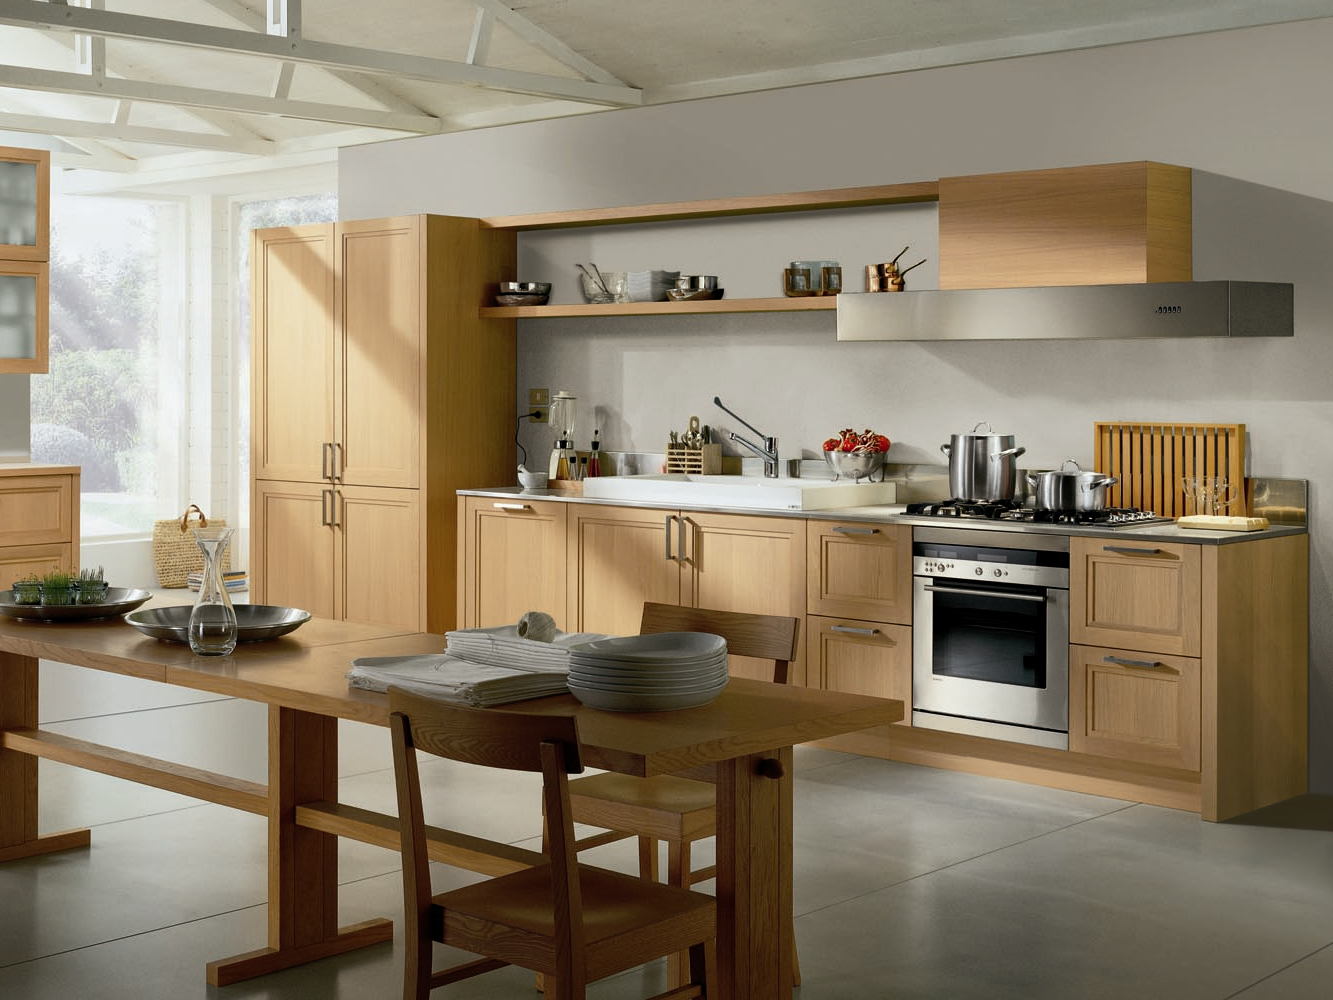 Cucina in laminato con maniglie collezione supr me by ernestomeda design castiglia associati - Laminato in cucina ...